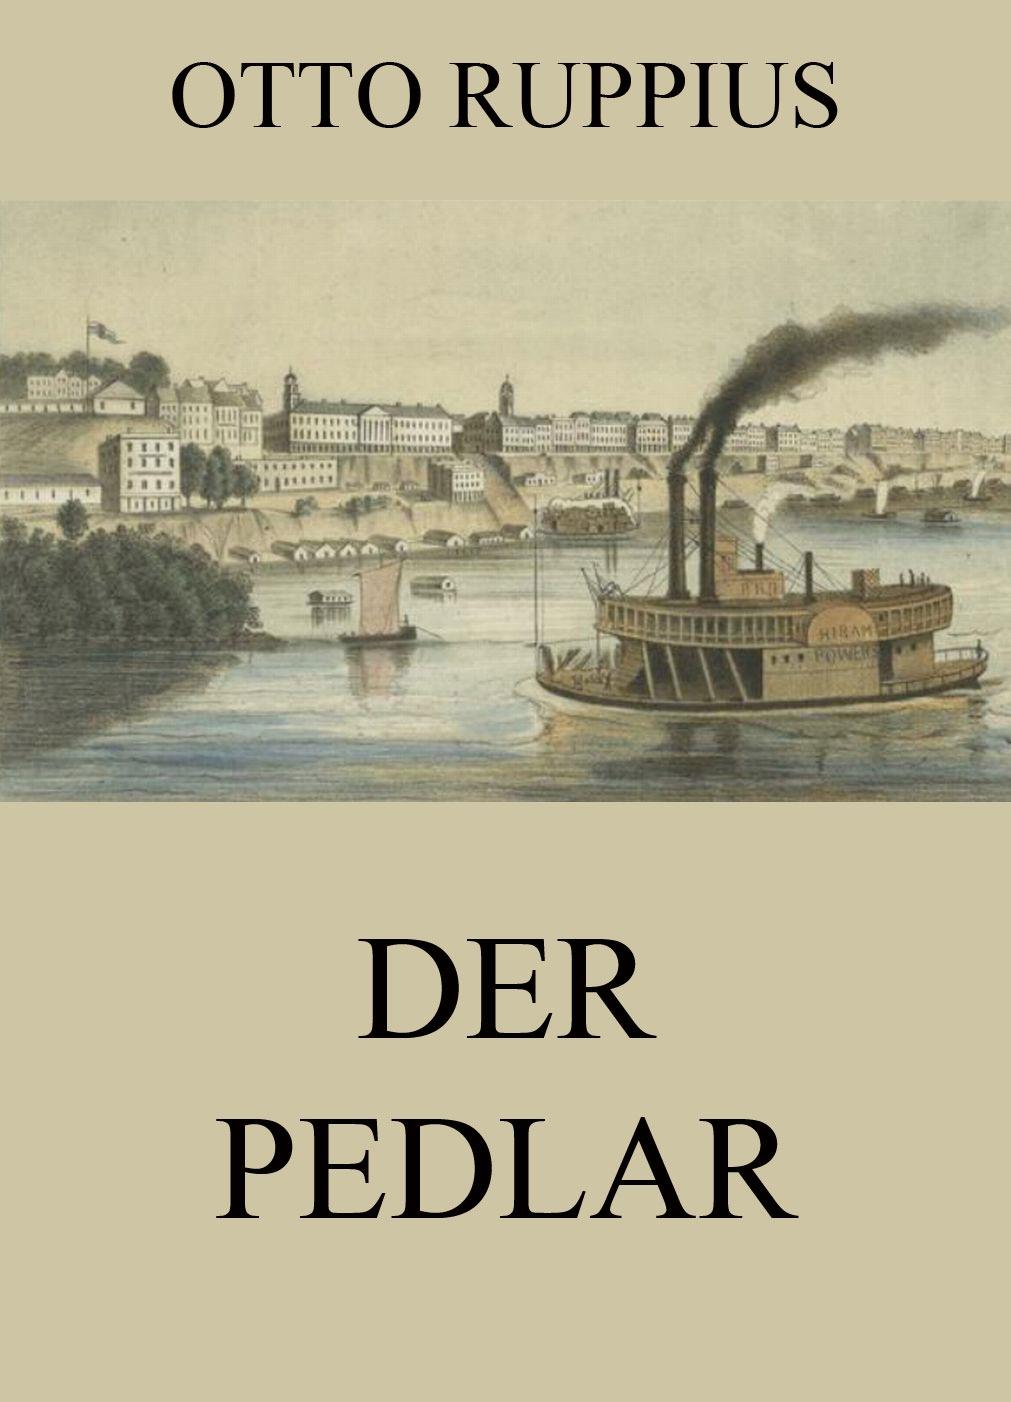 Otto Ruppius Der Pedlar